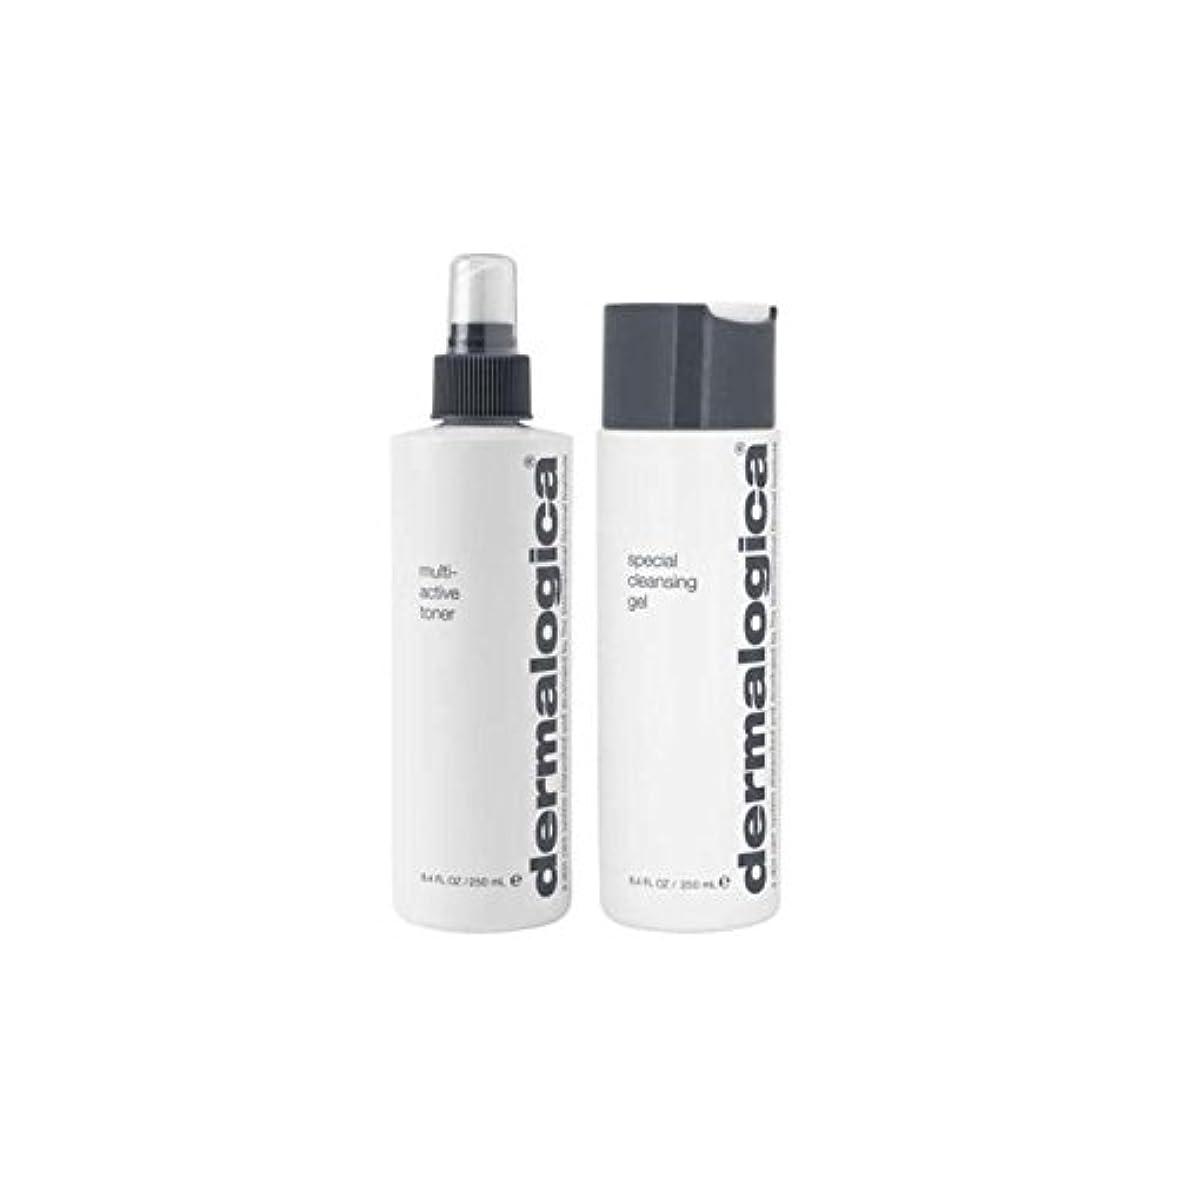 本体噂ブームダーマロジカクレンジング&トーンデュオ - ノーマル/ドライスキン(2製品) x4 - Dermalogica Cleanse & Tone Duo - Normal/Dry Skin (2 Products) (Pack...